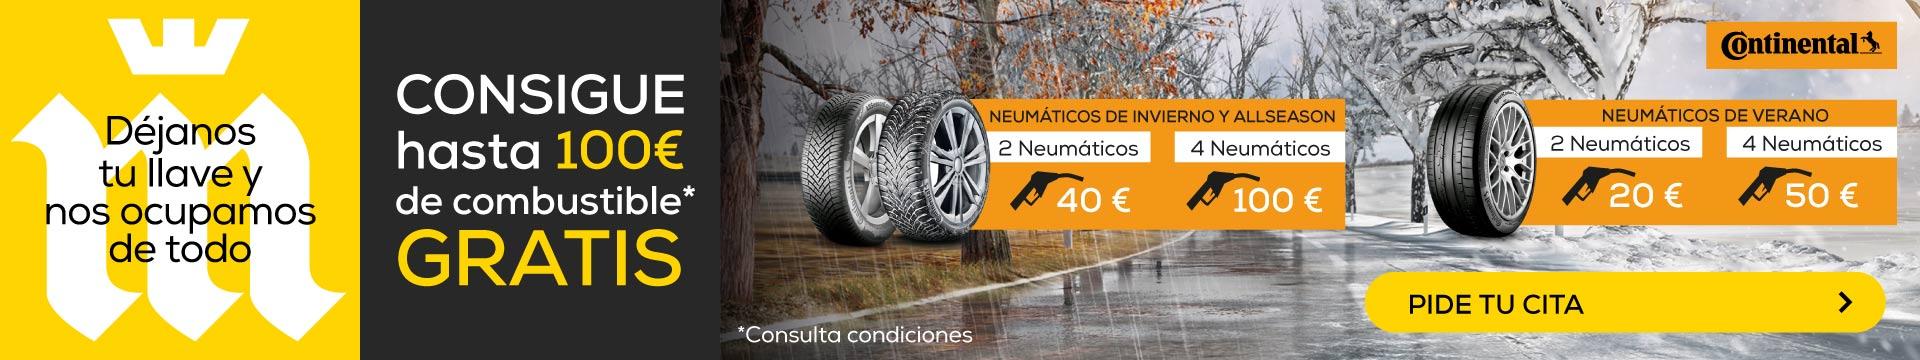 Compra Neumáticos CONTINENTAL y llévate hasta 100€ en combustible